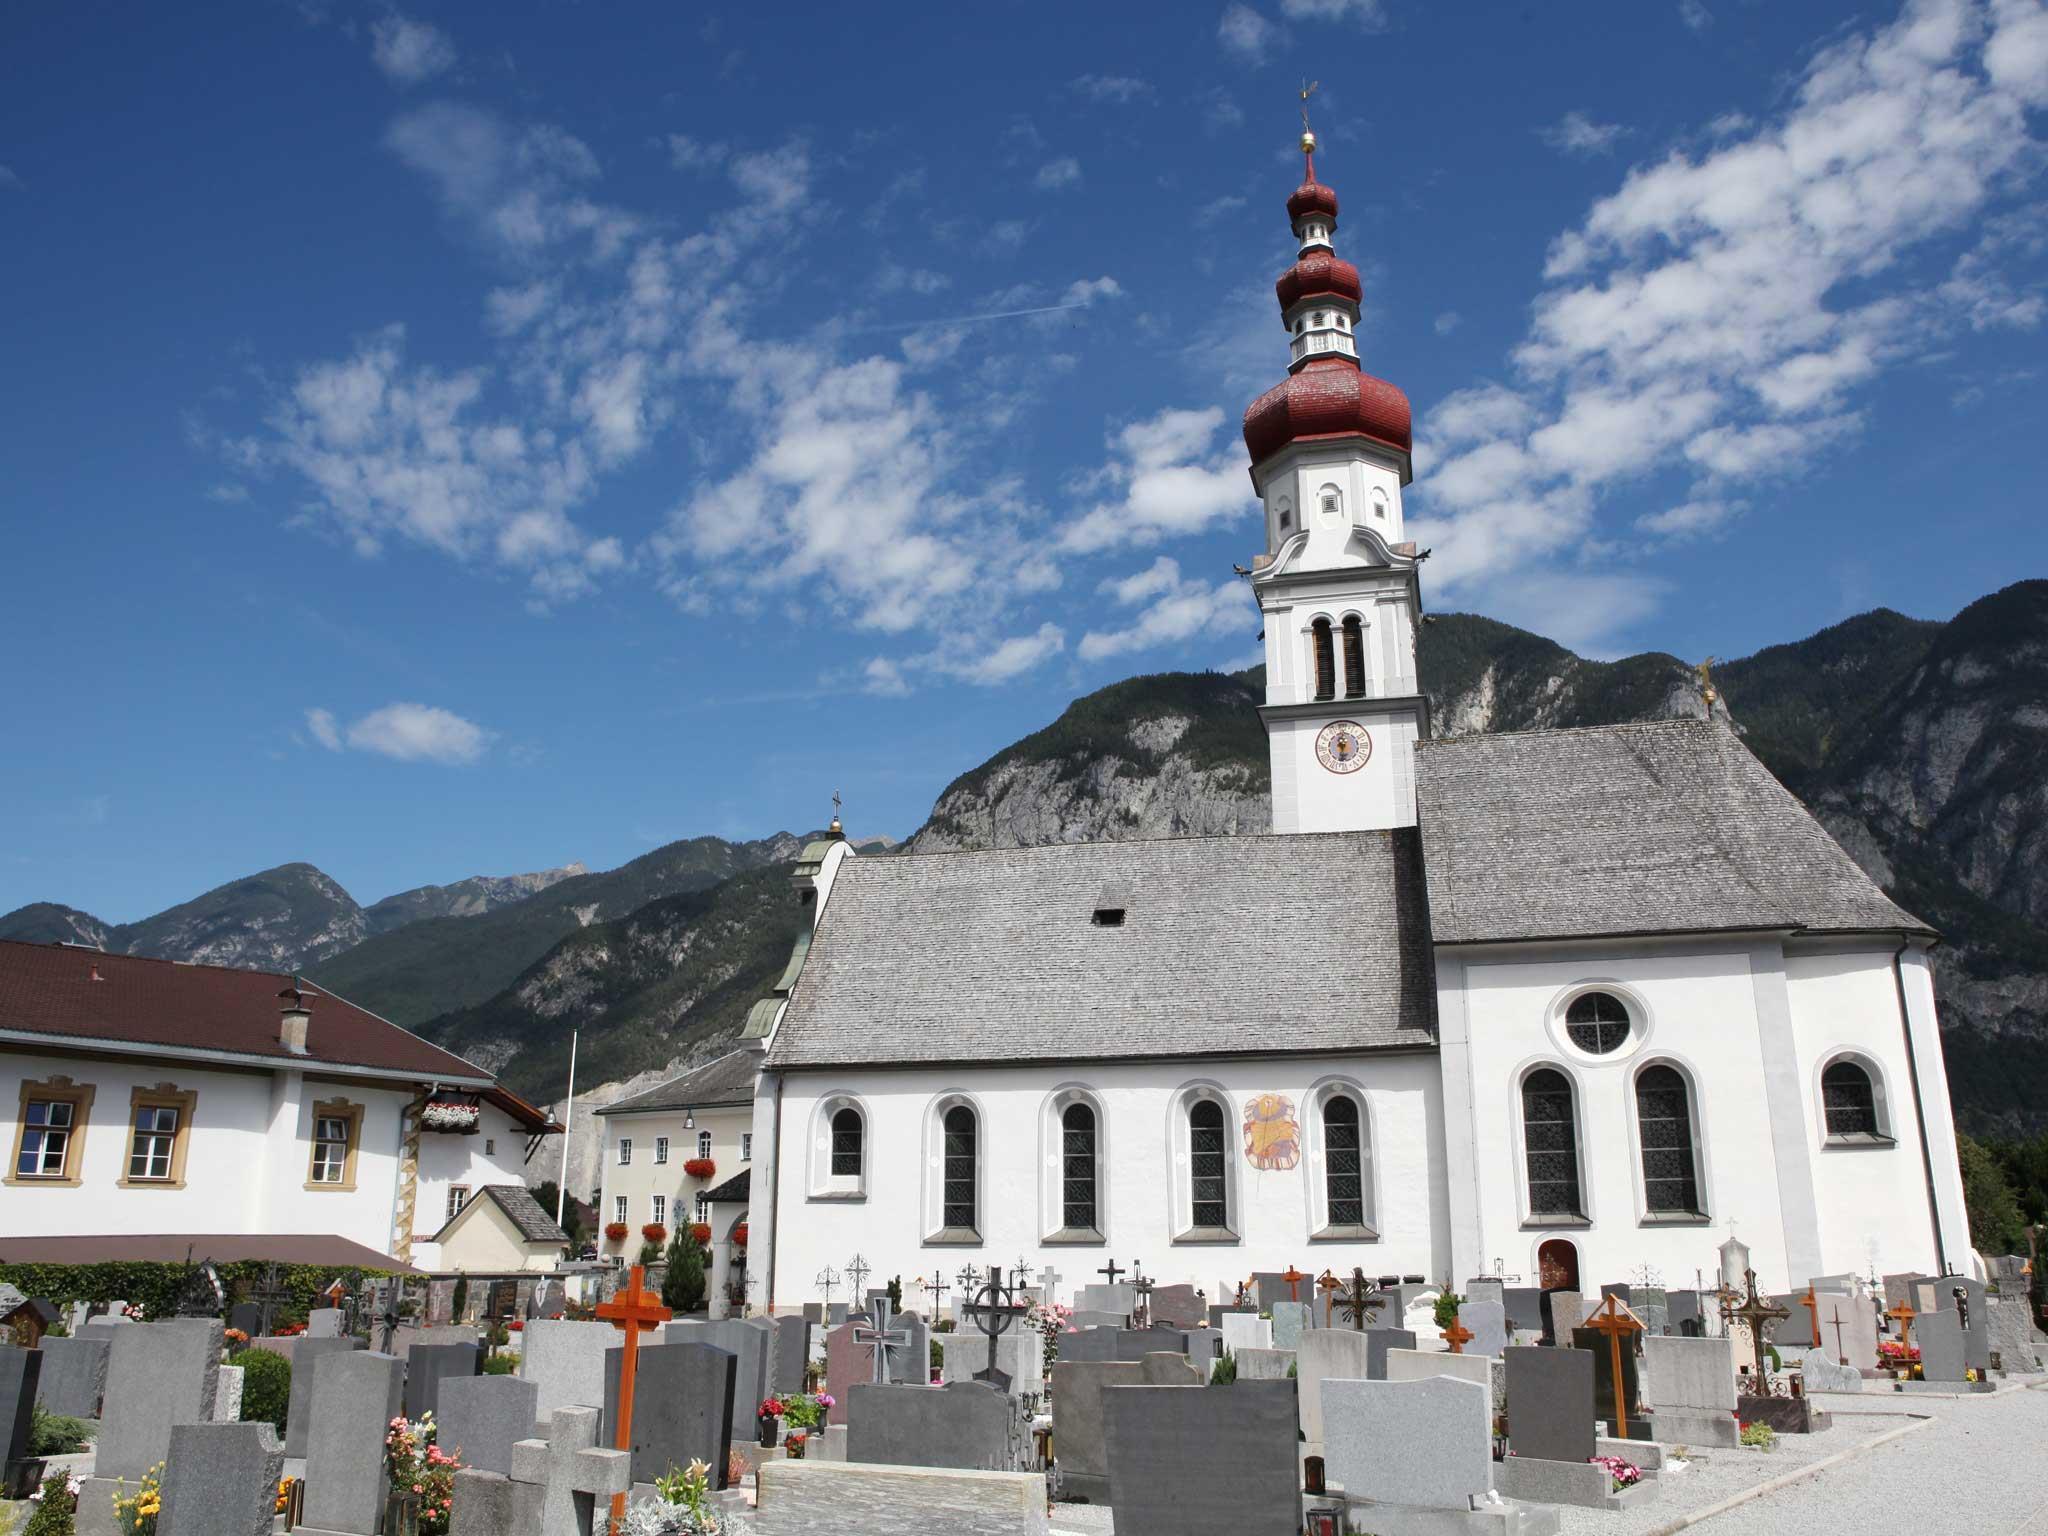 Pfarrkirche St. Viktor & Magdalena